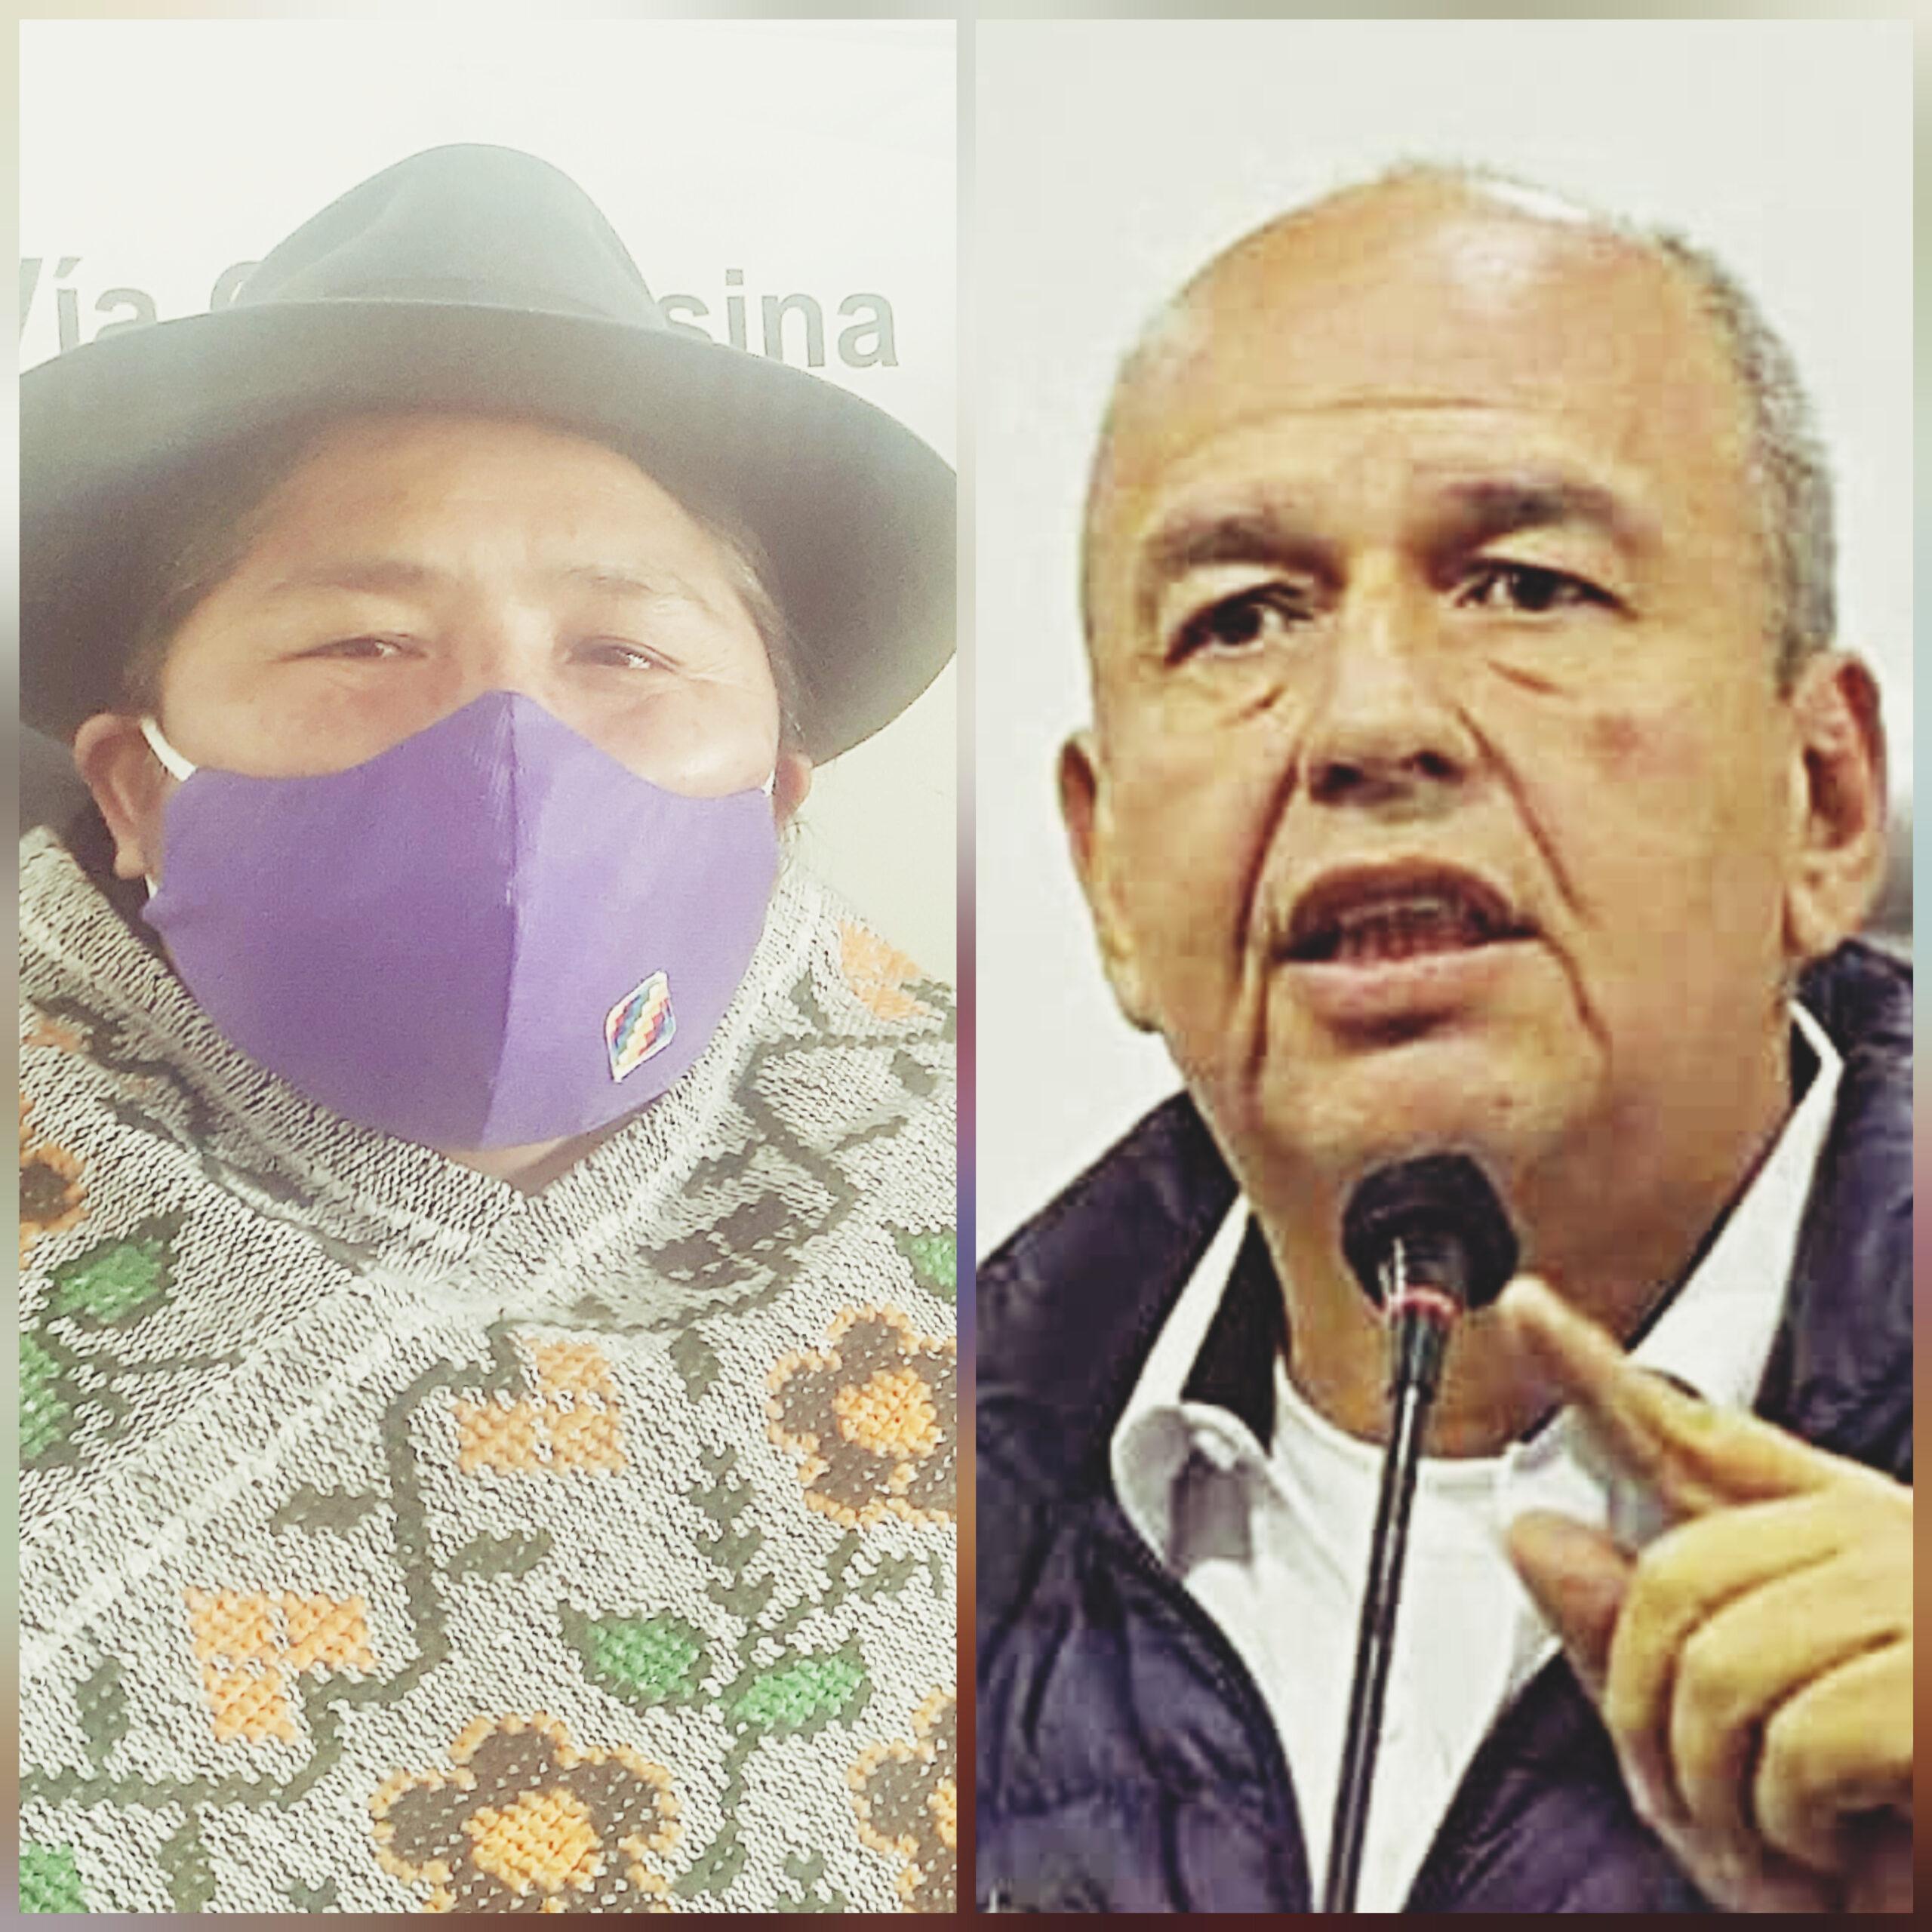 """Segundina Flores :  """"Señor Murillo preocupese por resolver el desabastecimiento del gas y no si estamos contagiados cuando es una mentira"""""""